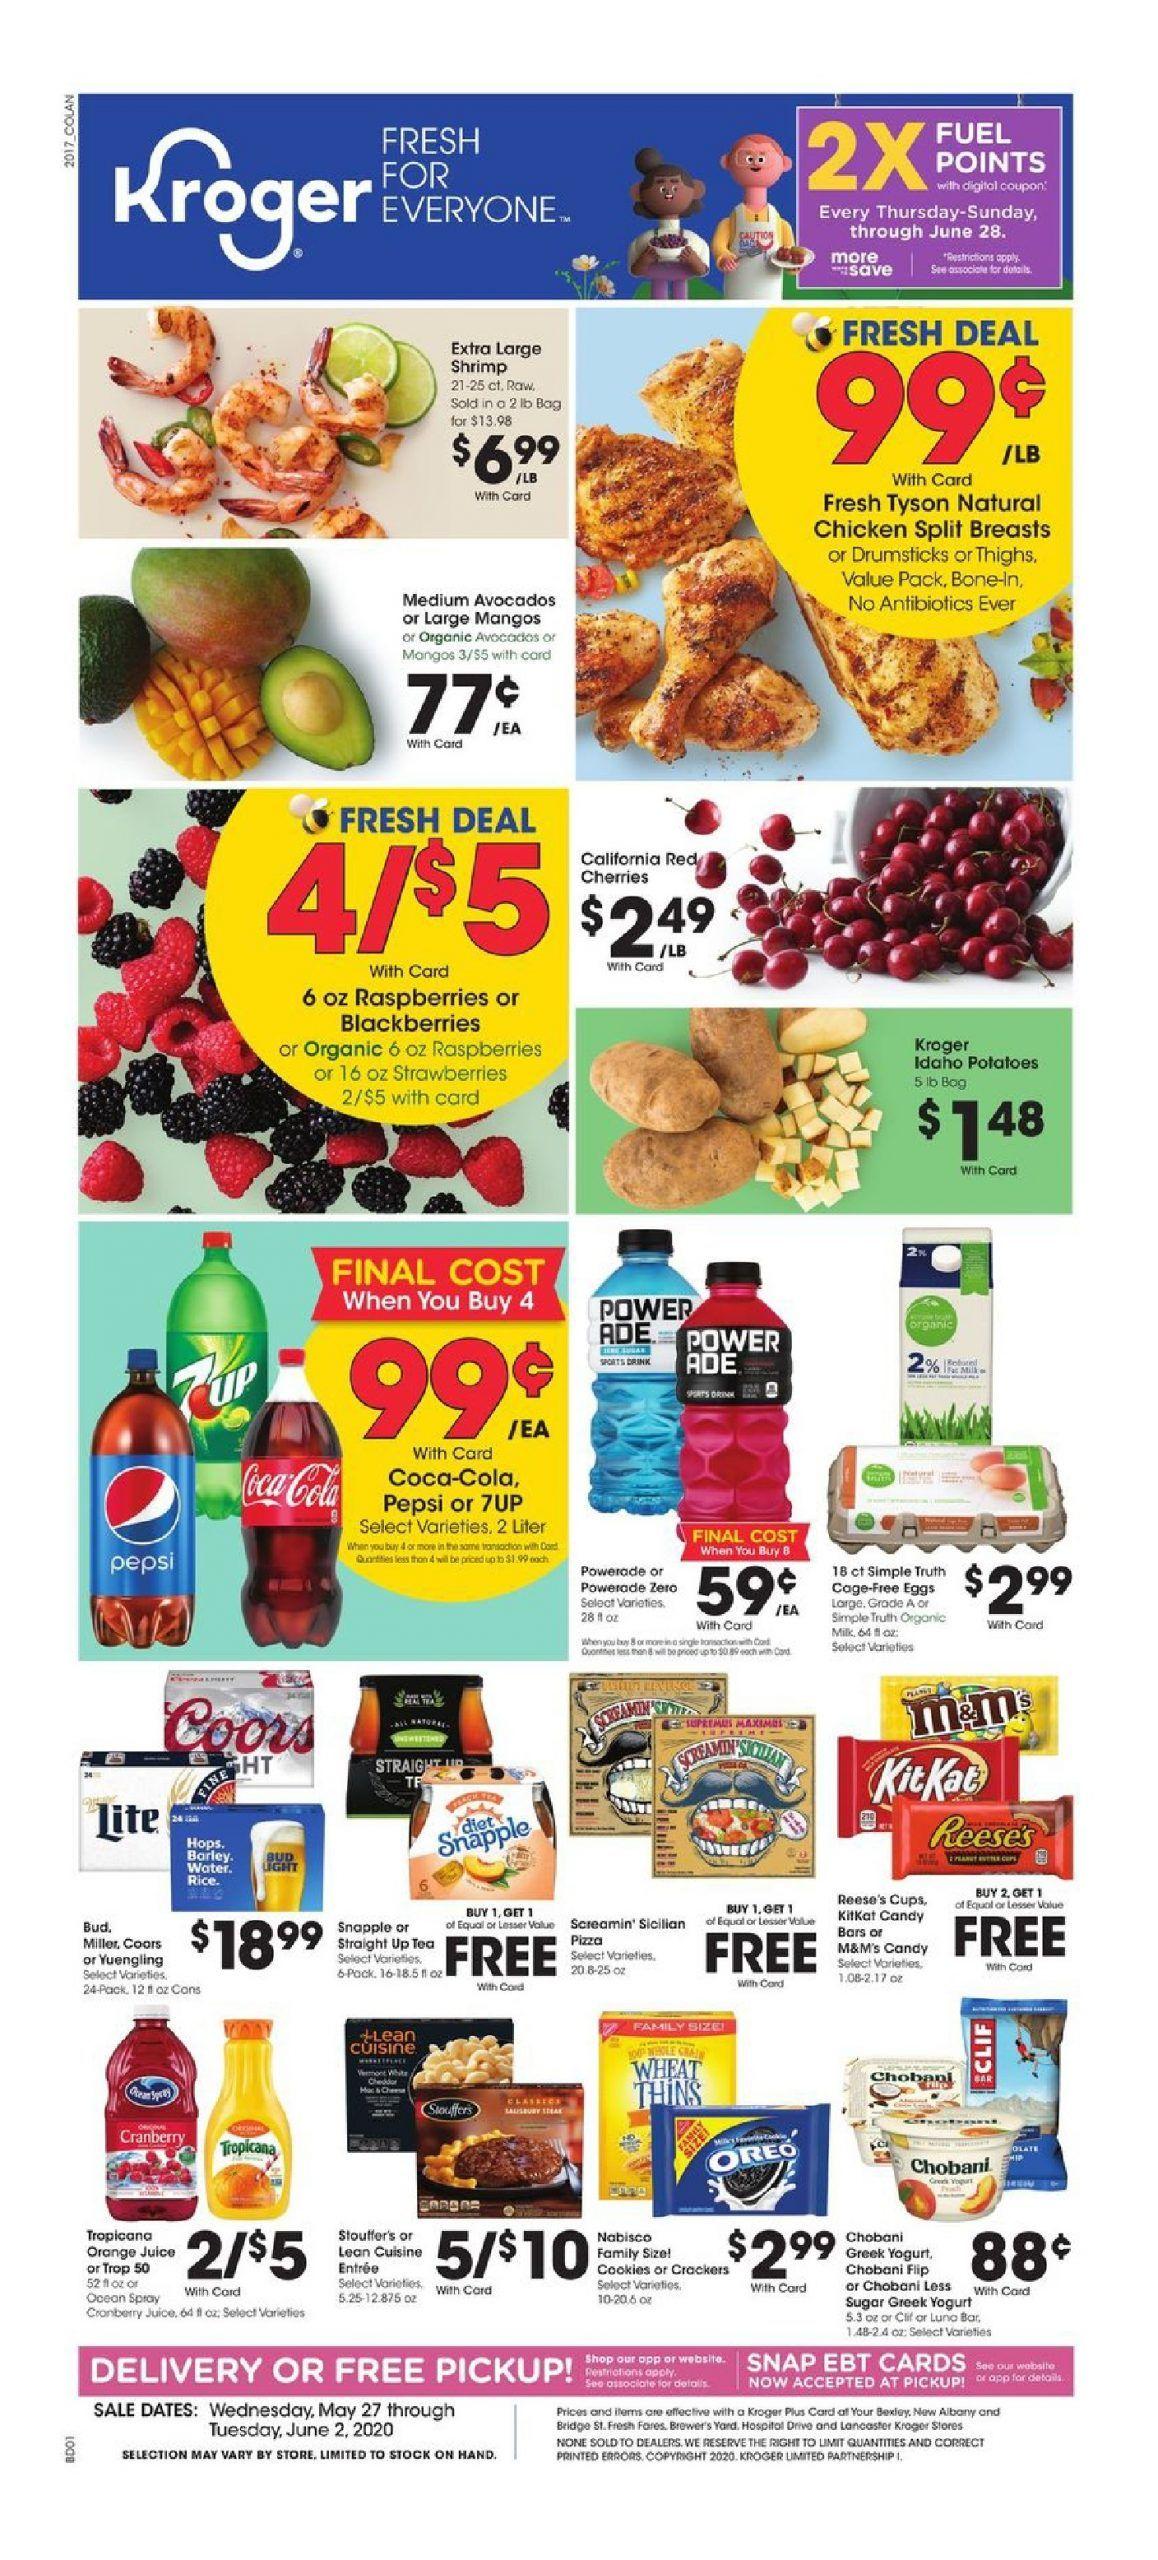 Kroger weekly ad valid may 27 jun 02 2020 sneak peek